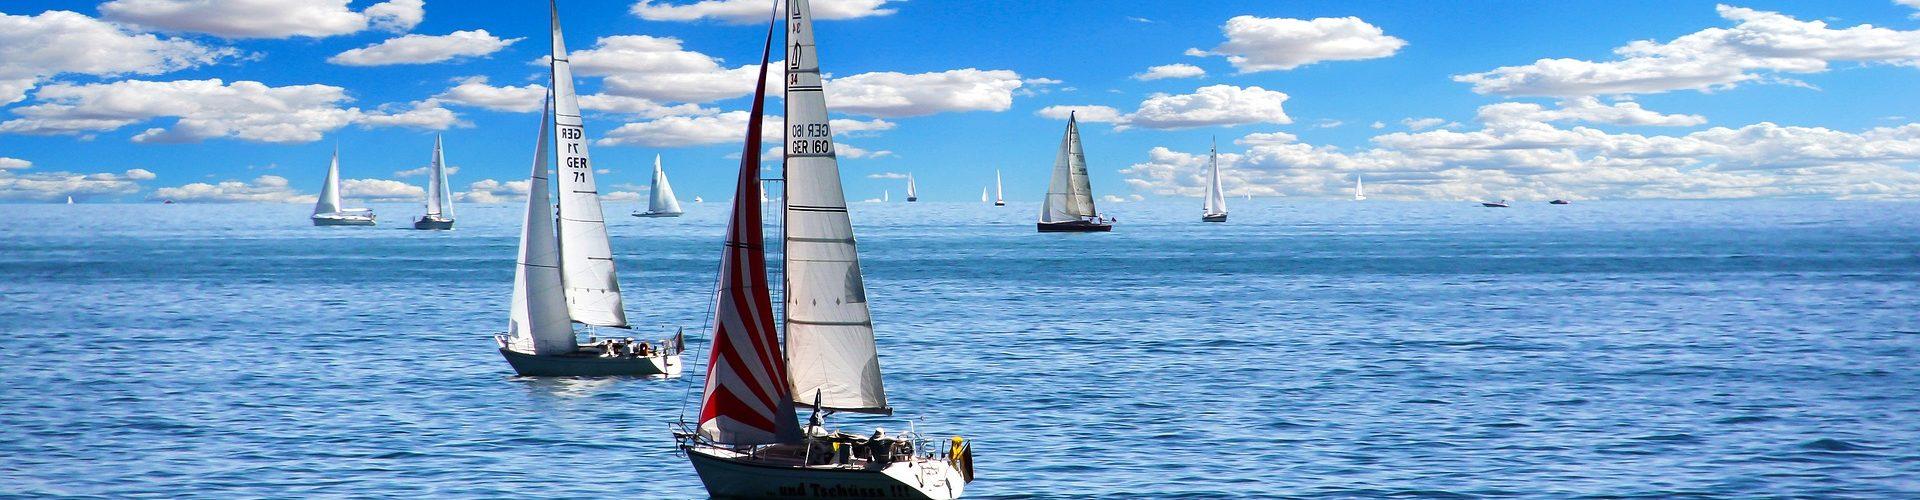 segeln lernen in Moos segelschein machen in Moos 1920x500 - Segeln lernen in Moos